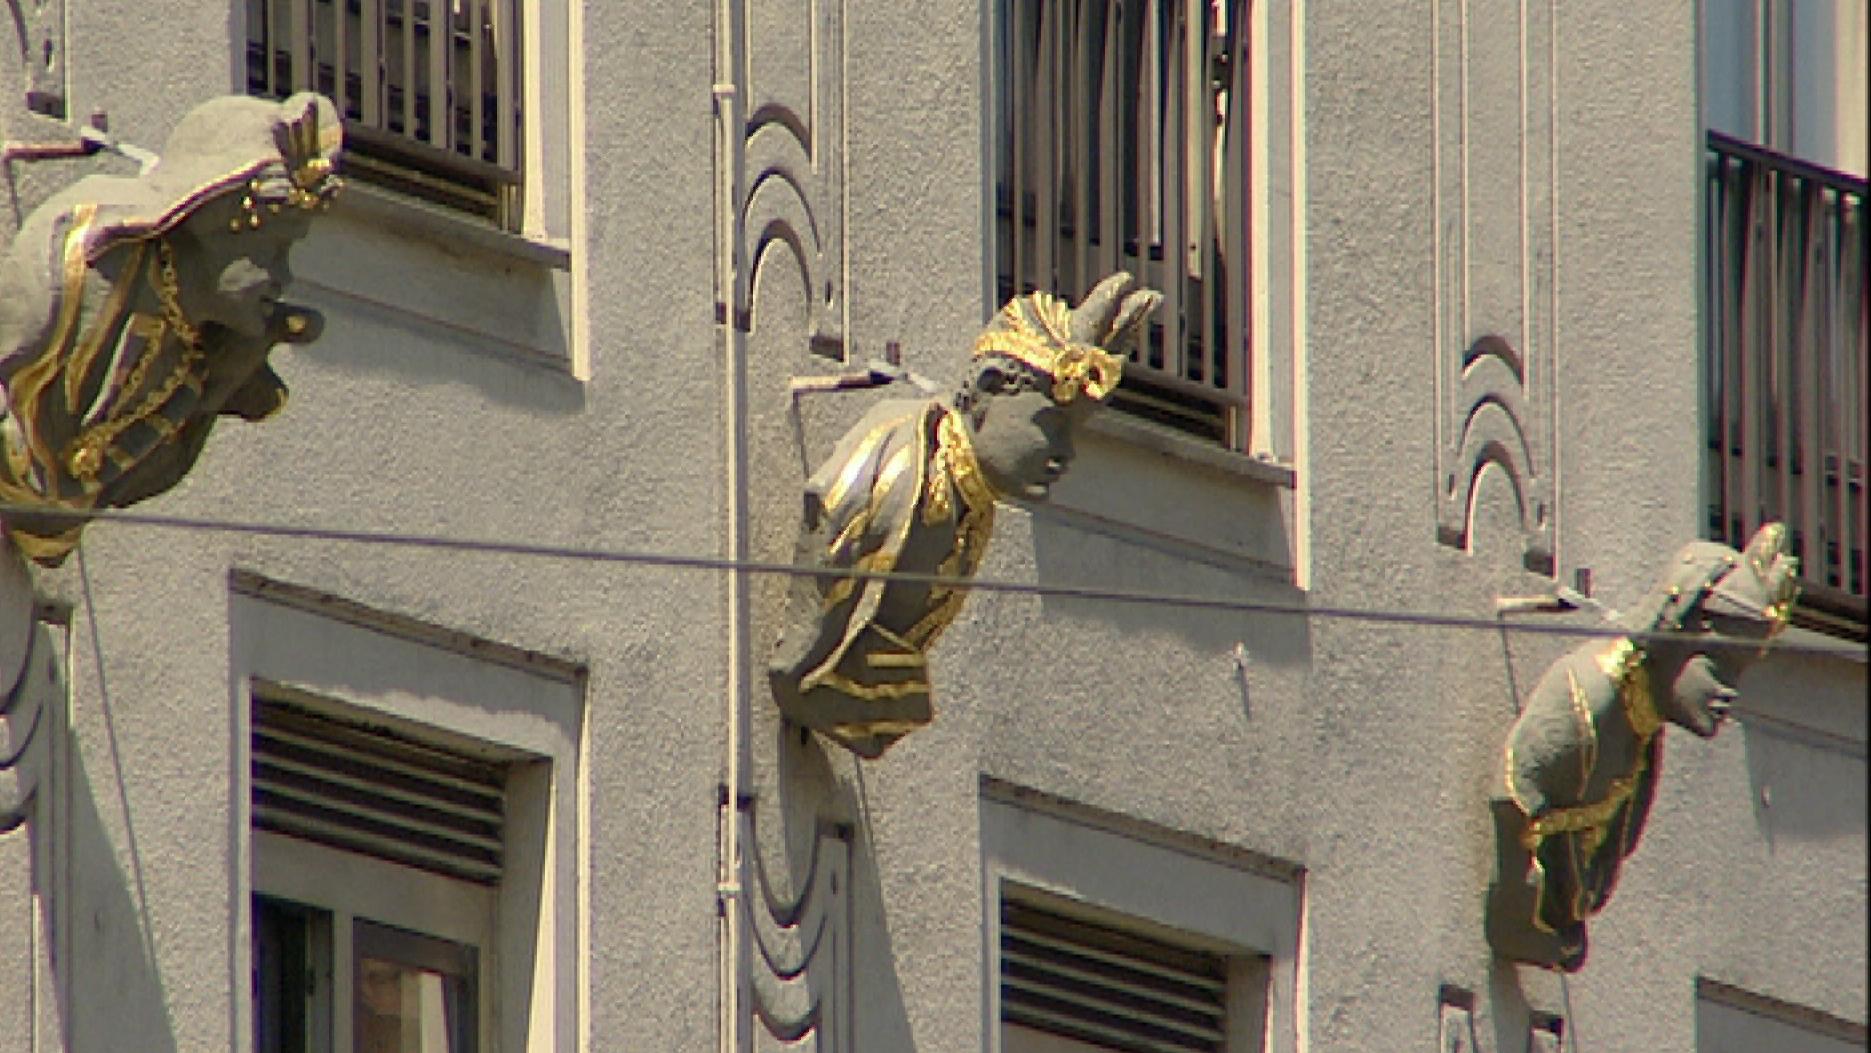 """Am Hotel """"Drei Mohren"""" in Augsburg hängen drei Büsten, die die drei Mohren darstellen sollen."""